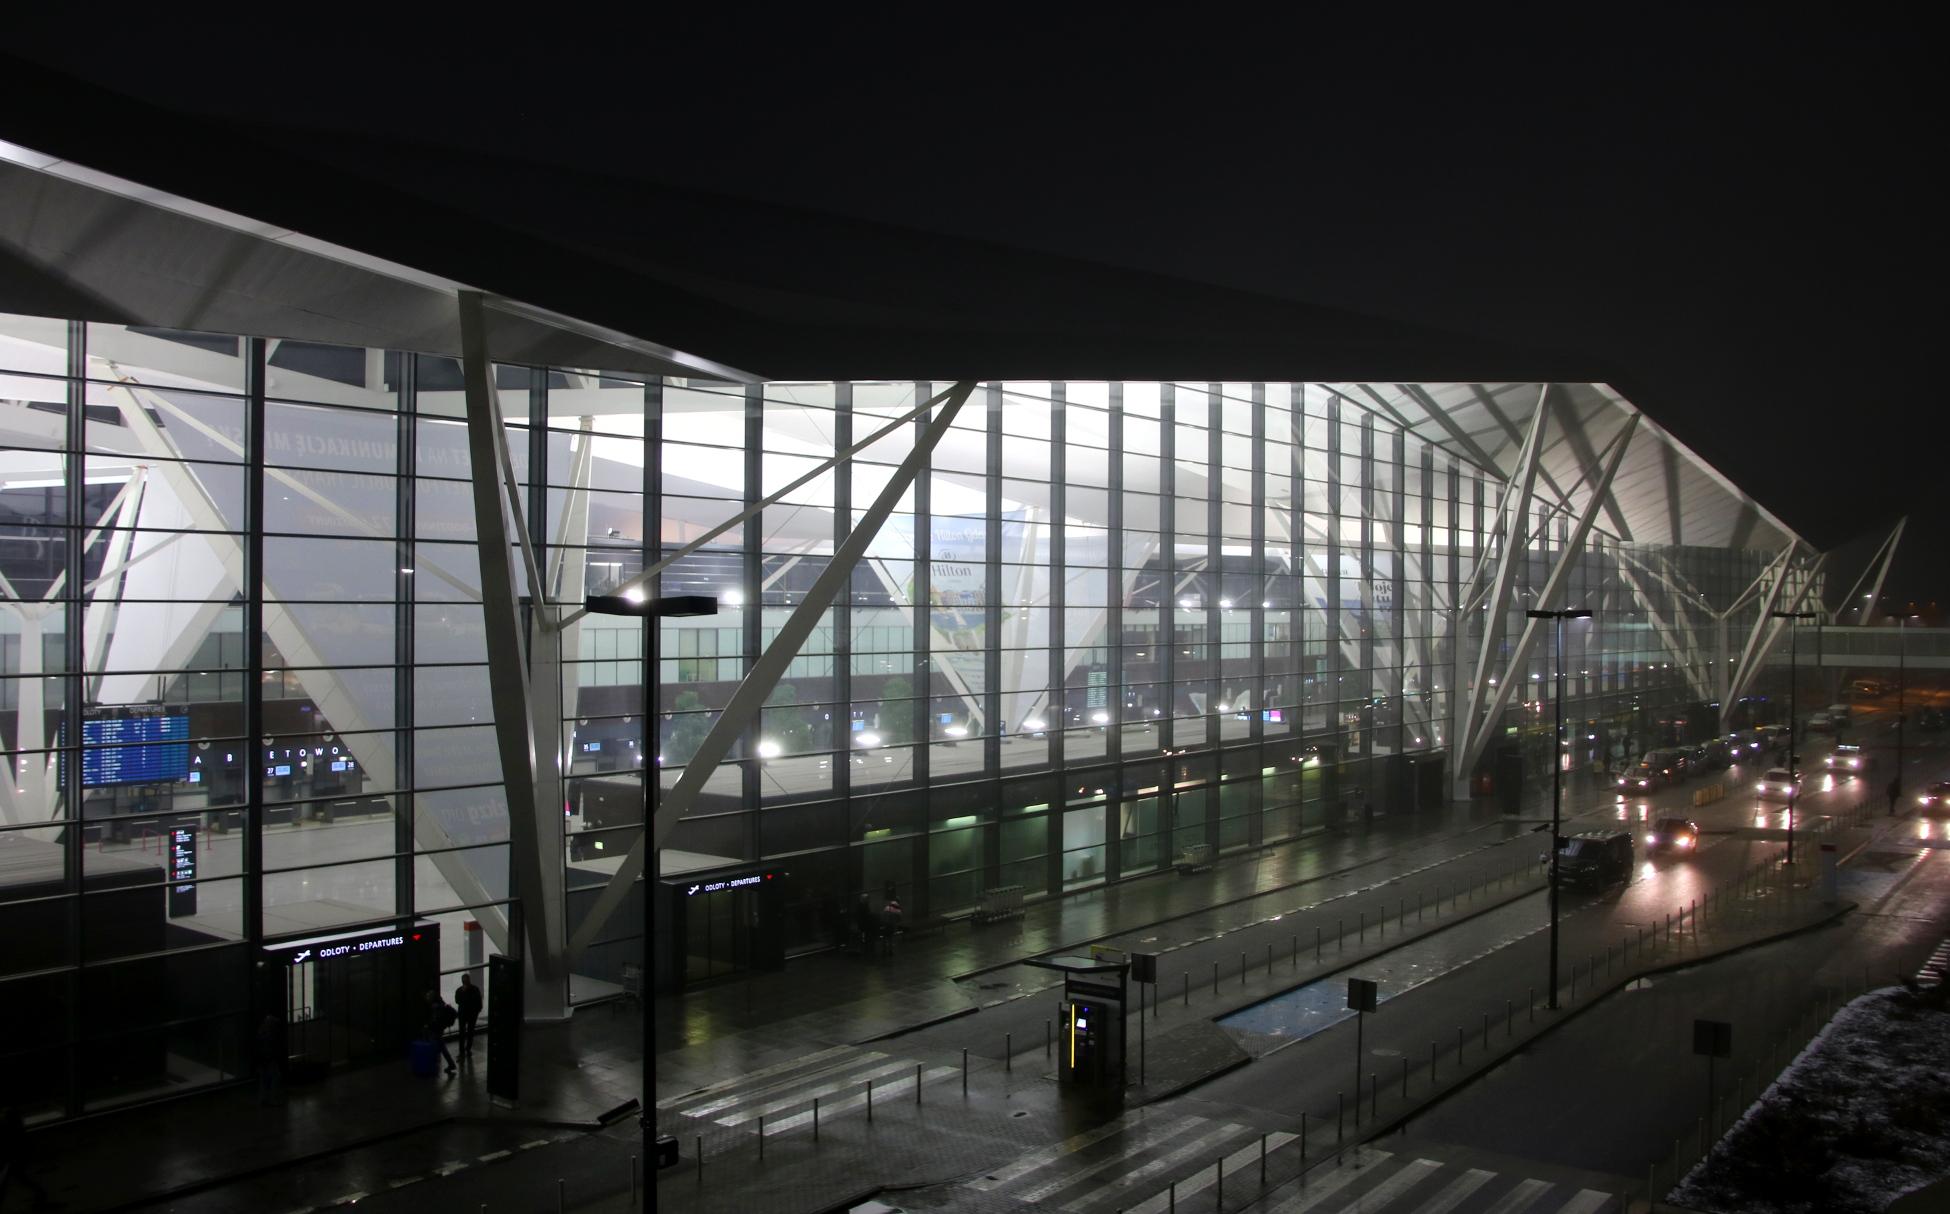 Ponad 4,5 mln pasażerów. Gdańskie lotnisko na trzecim miejscu w Polsce. Czy w 2018 pobijemy Kraków?